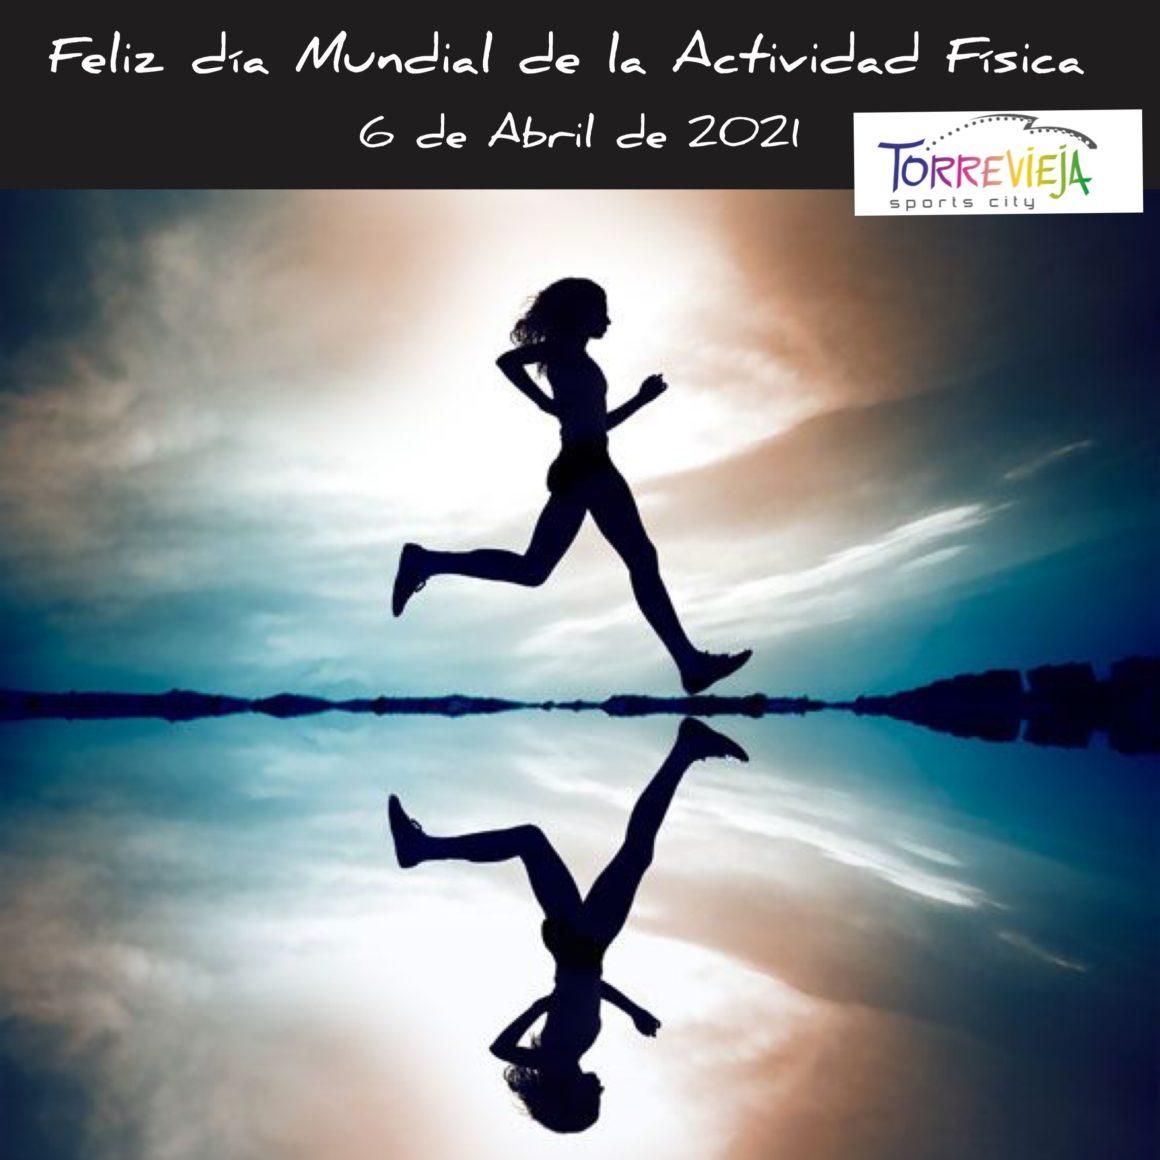 (Español) 🏃♂️Día Mundial de la Actividad Física💪🏻